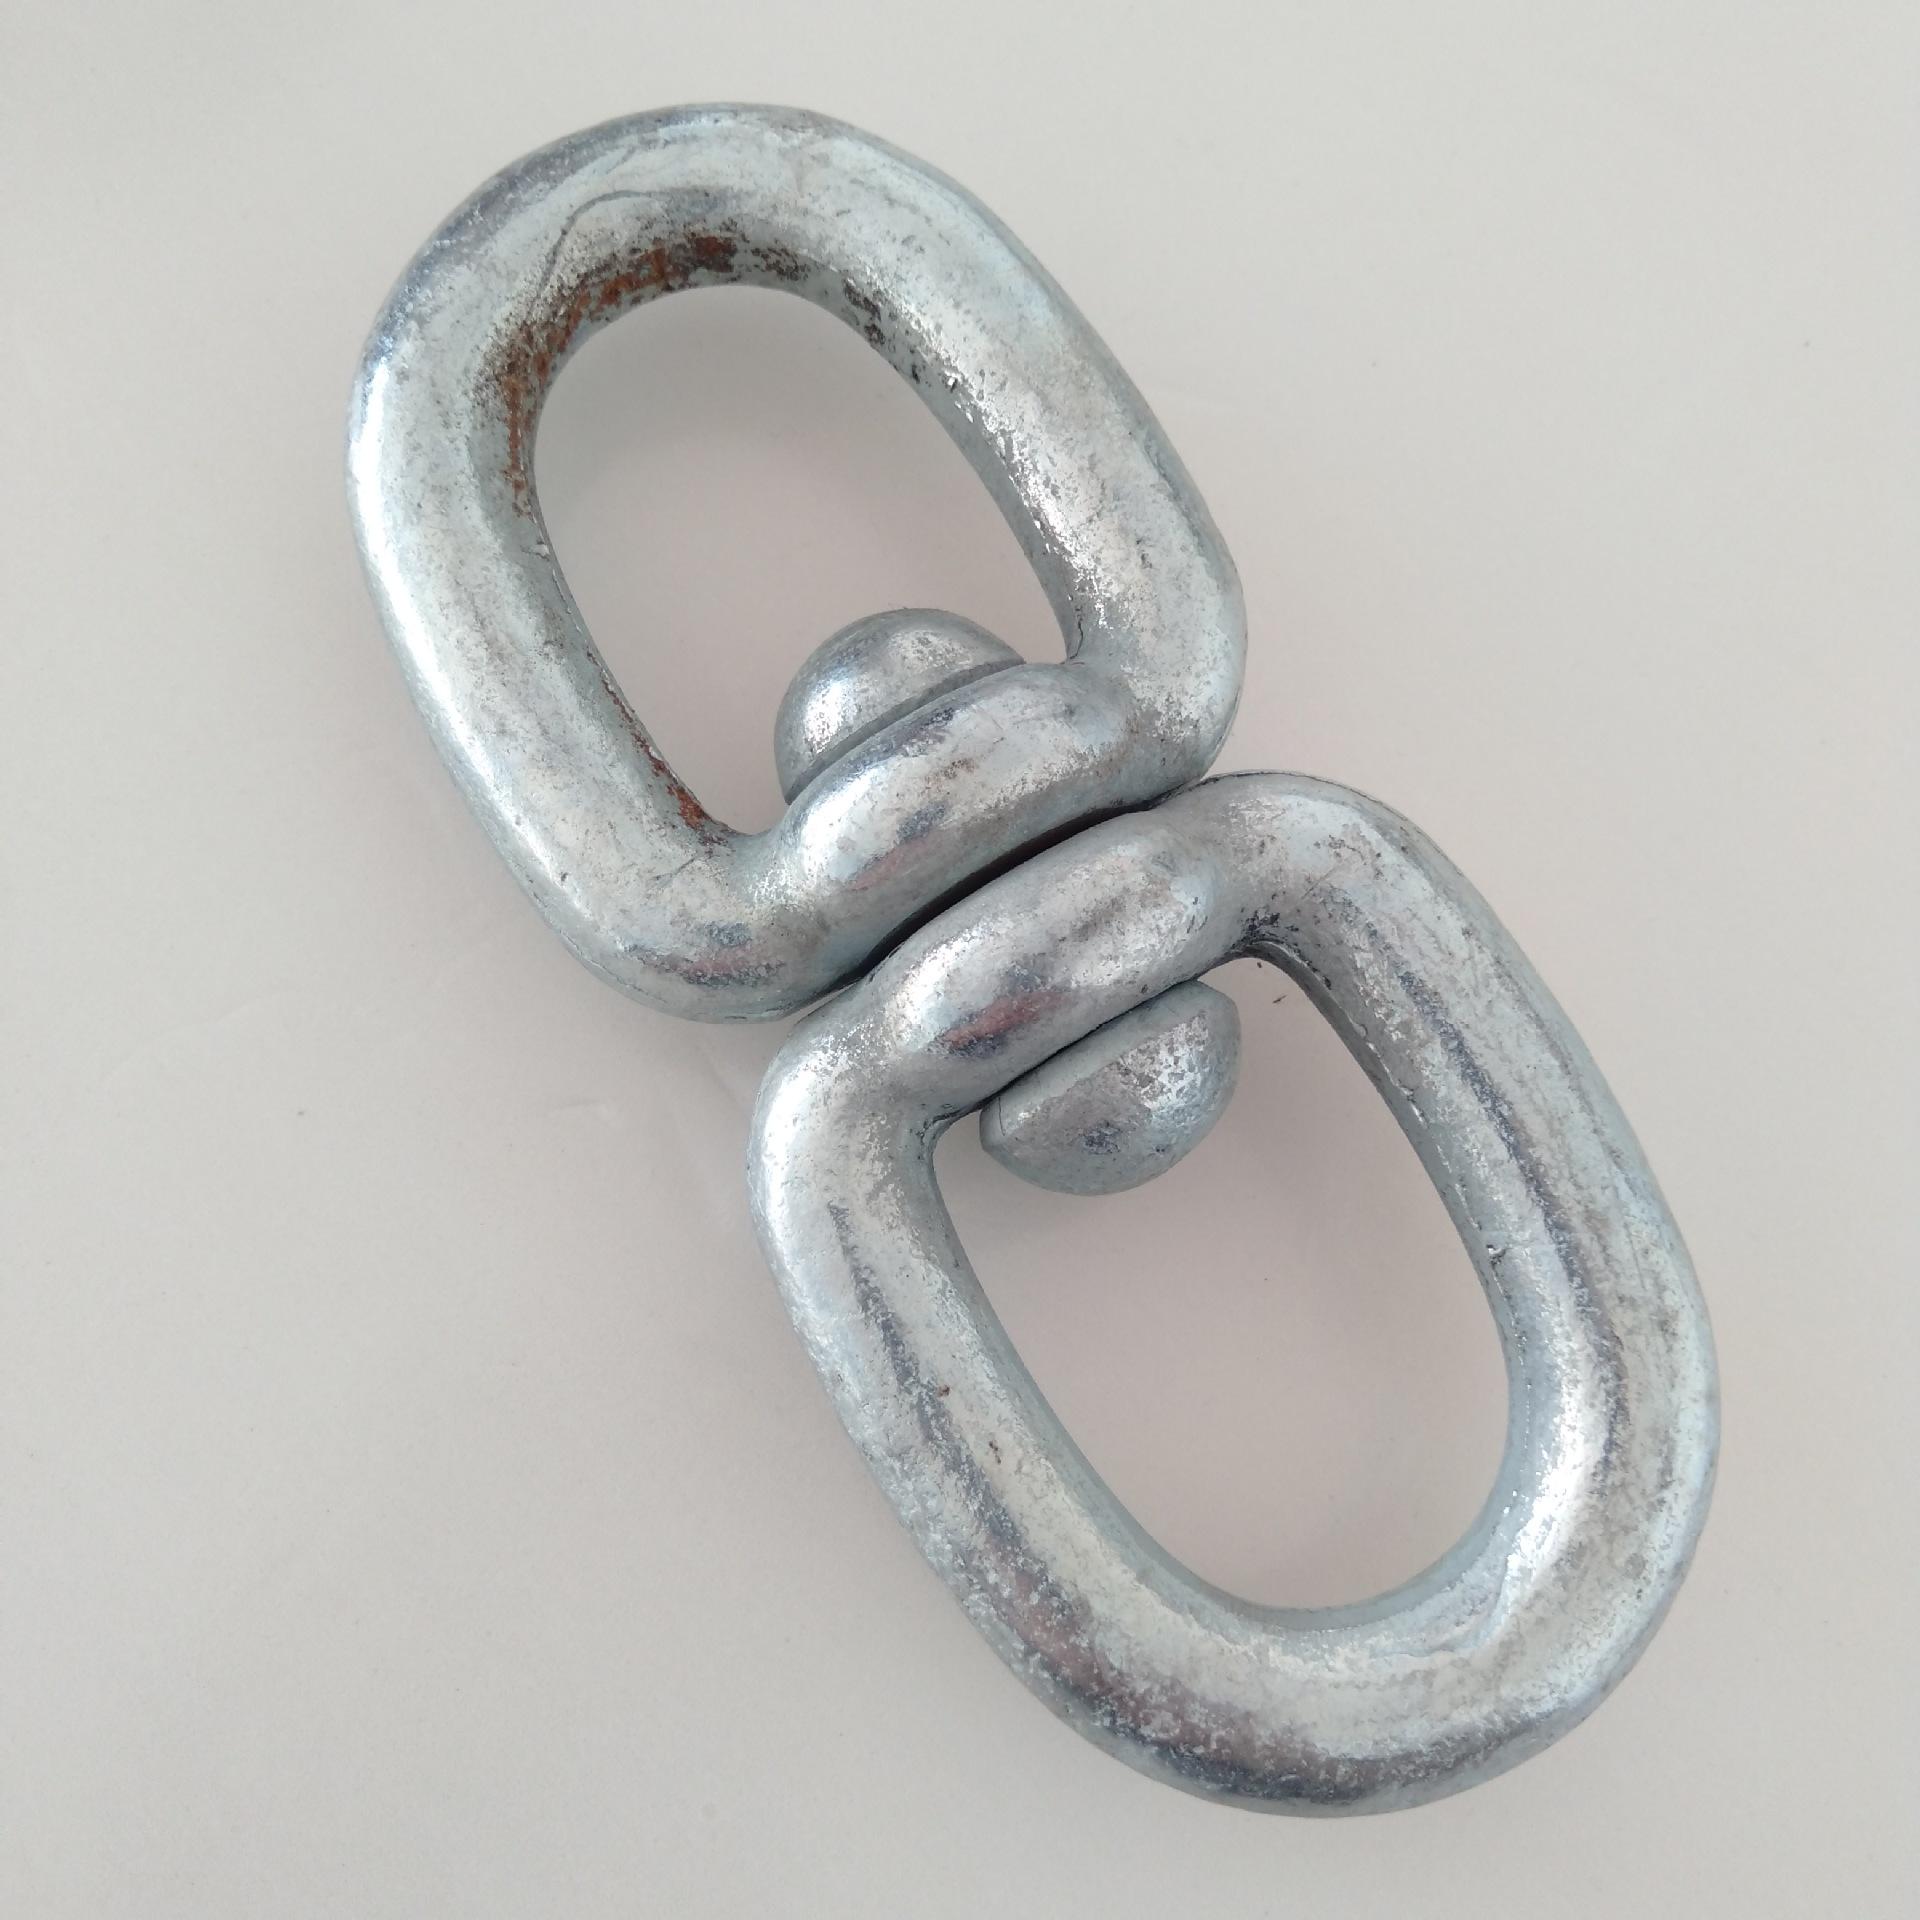 Runhong Công cụ chằng buộc nhà máy sản xuất bán hàng trực tiếp sắt mạ kẽm phần cứng xoay sling